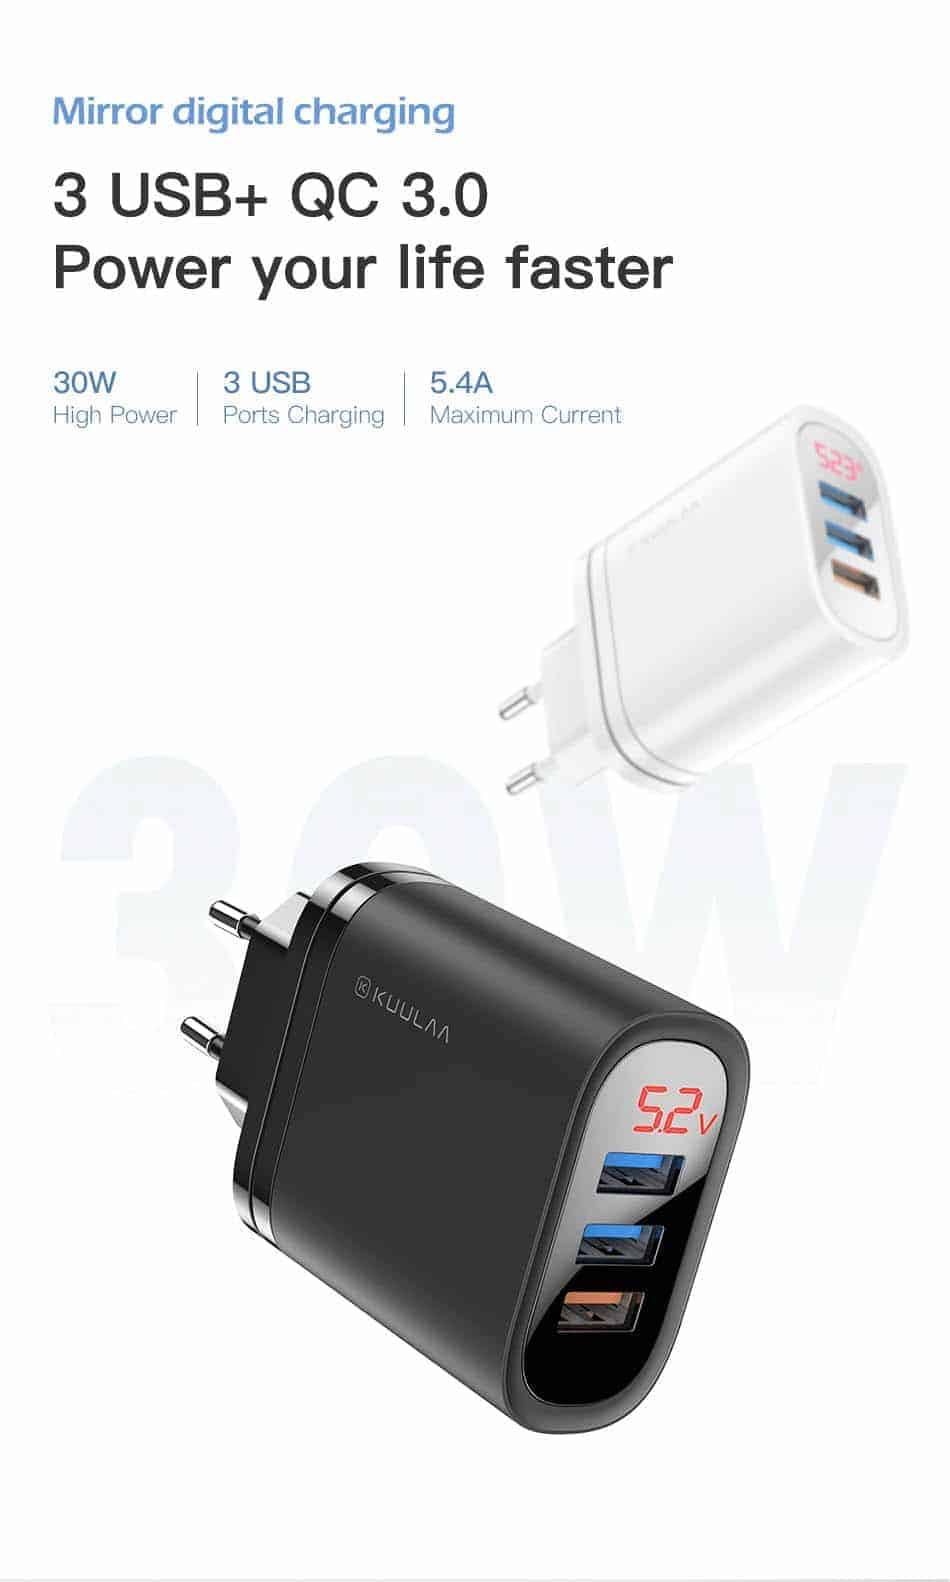 KUULAA Quick Charge 3.0 USB Charger 30W QC3.0 QC Fast Charging 3 USB